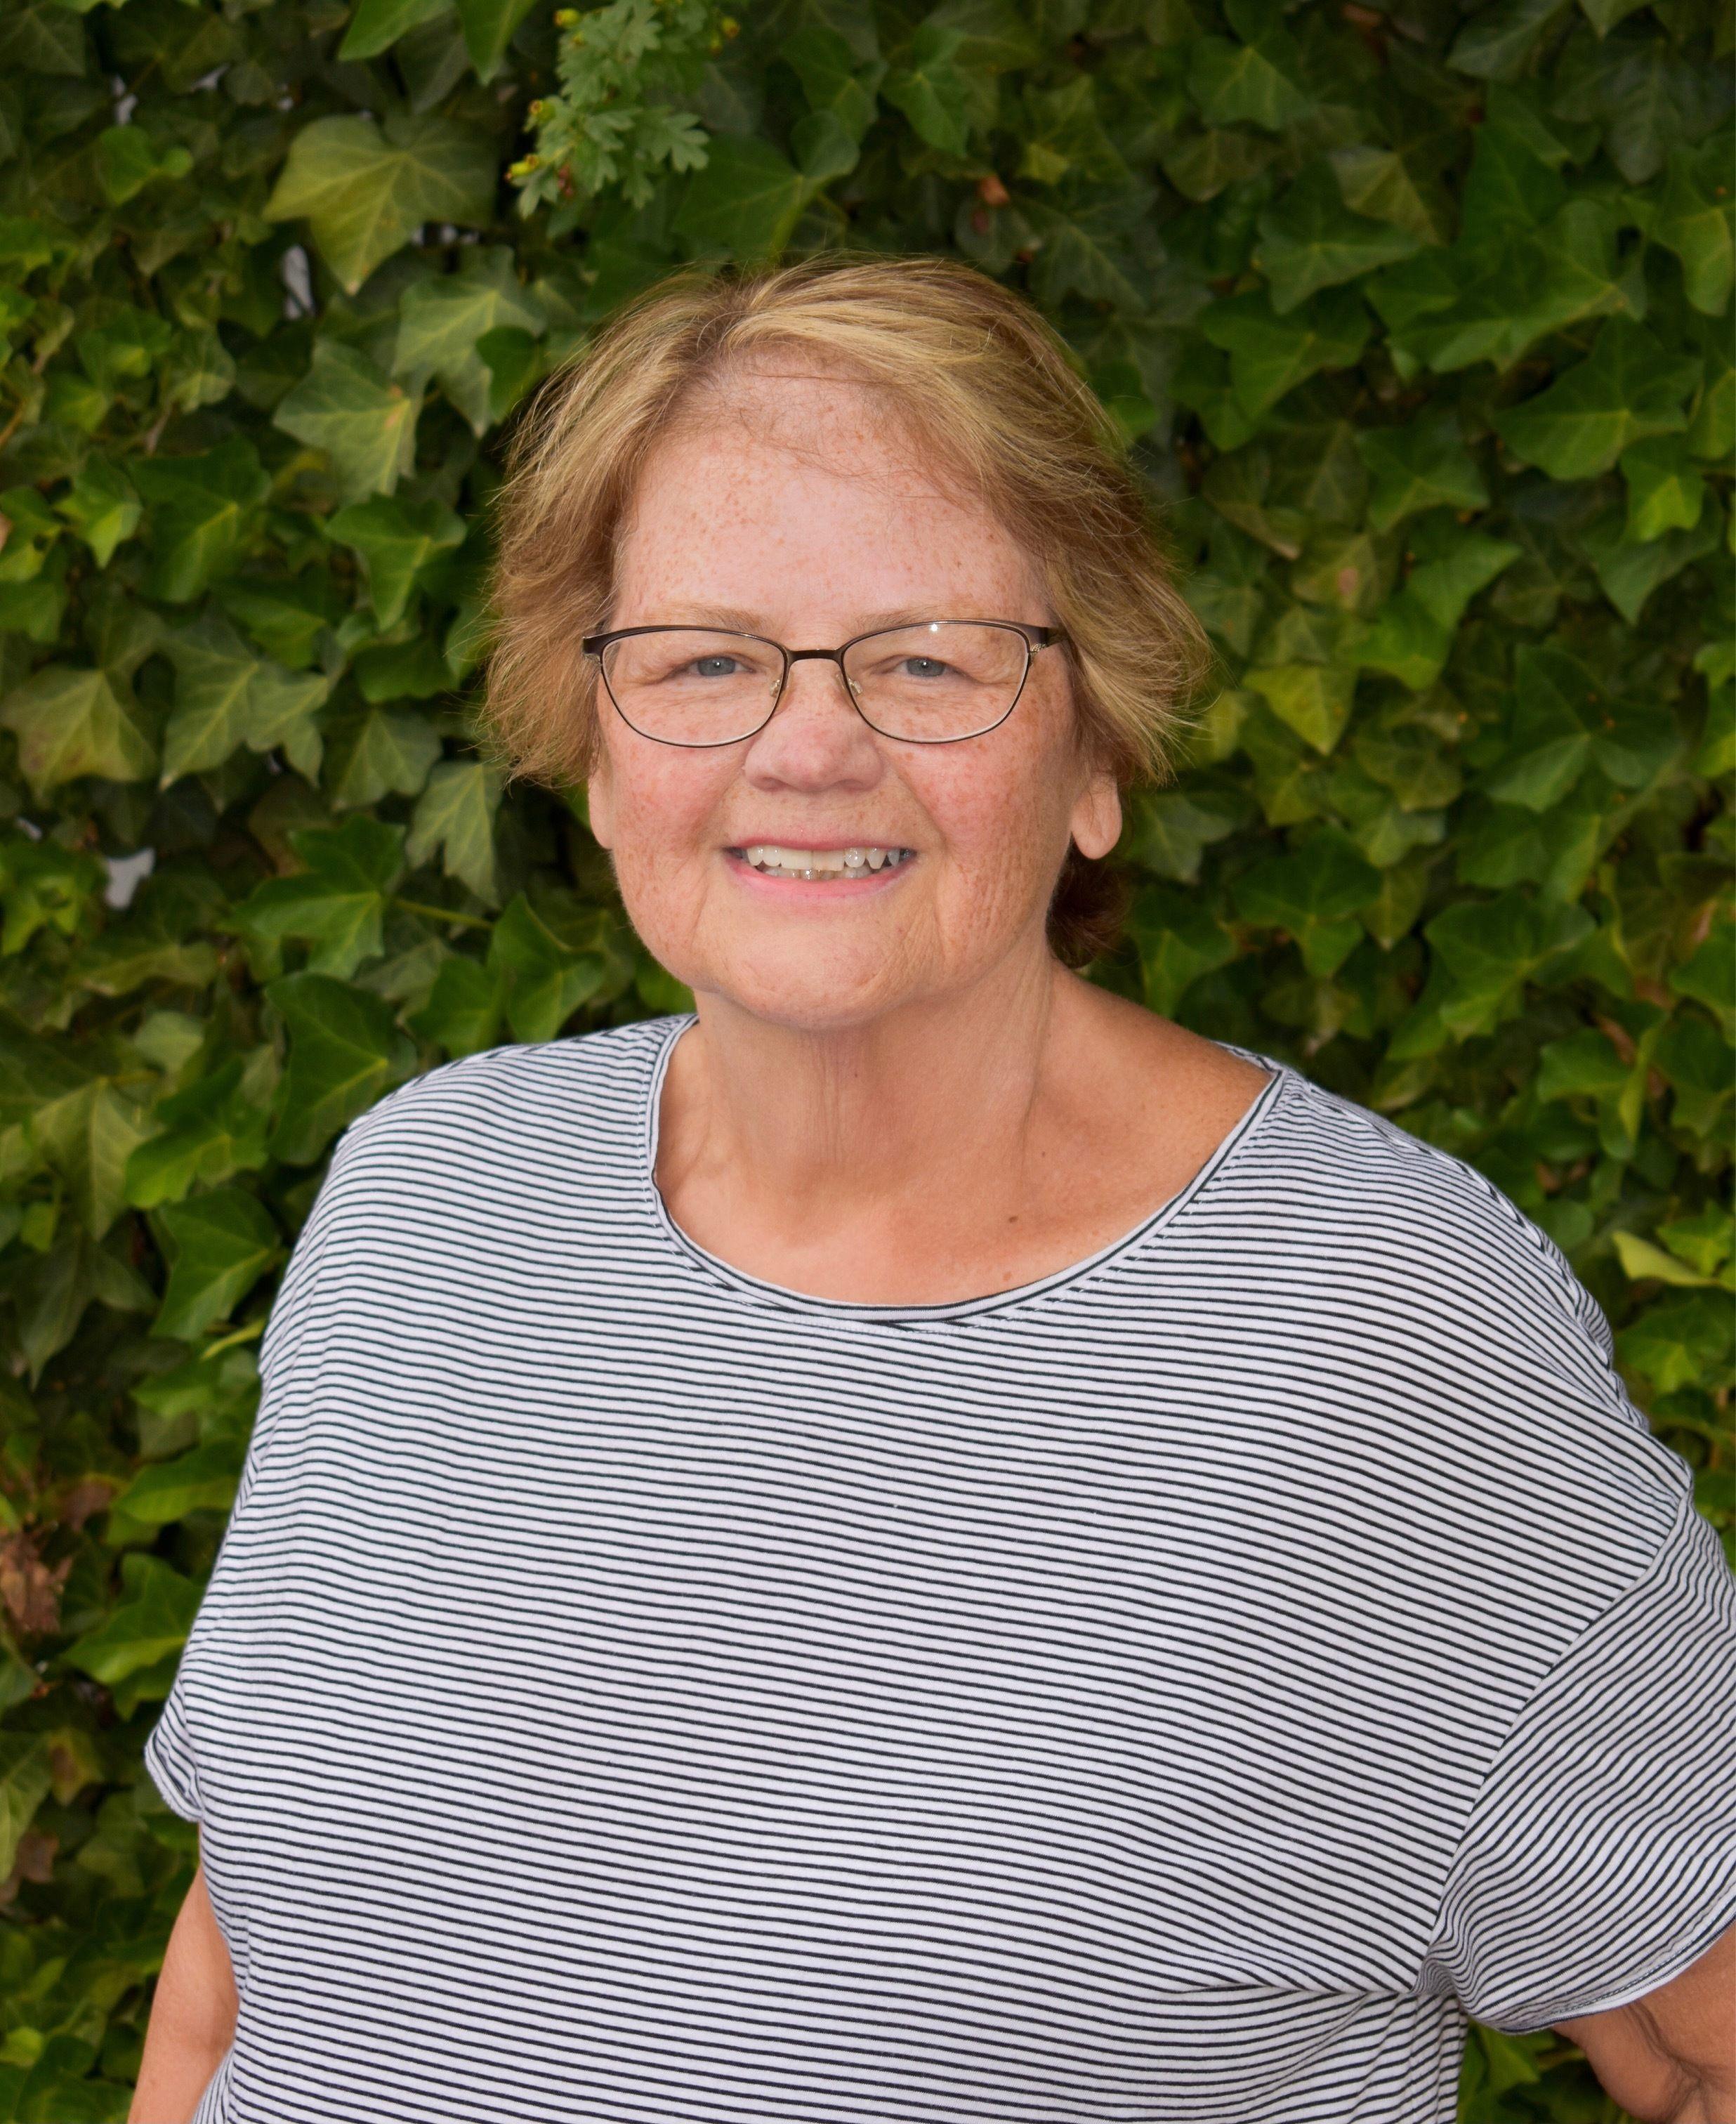 Susan Short